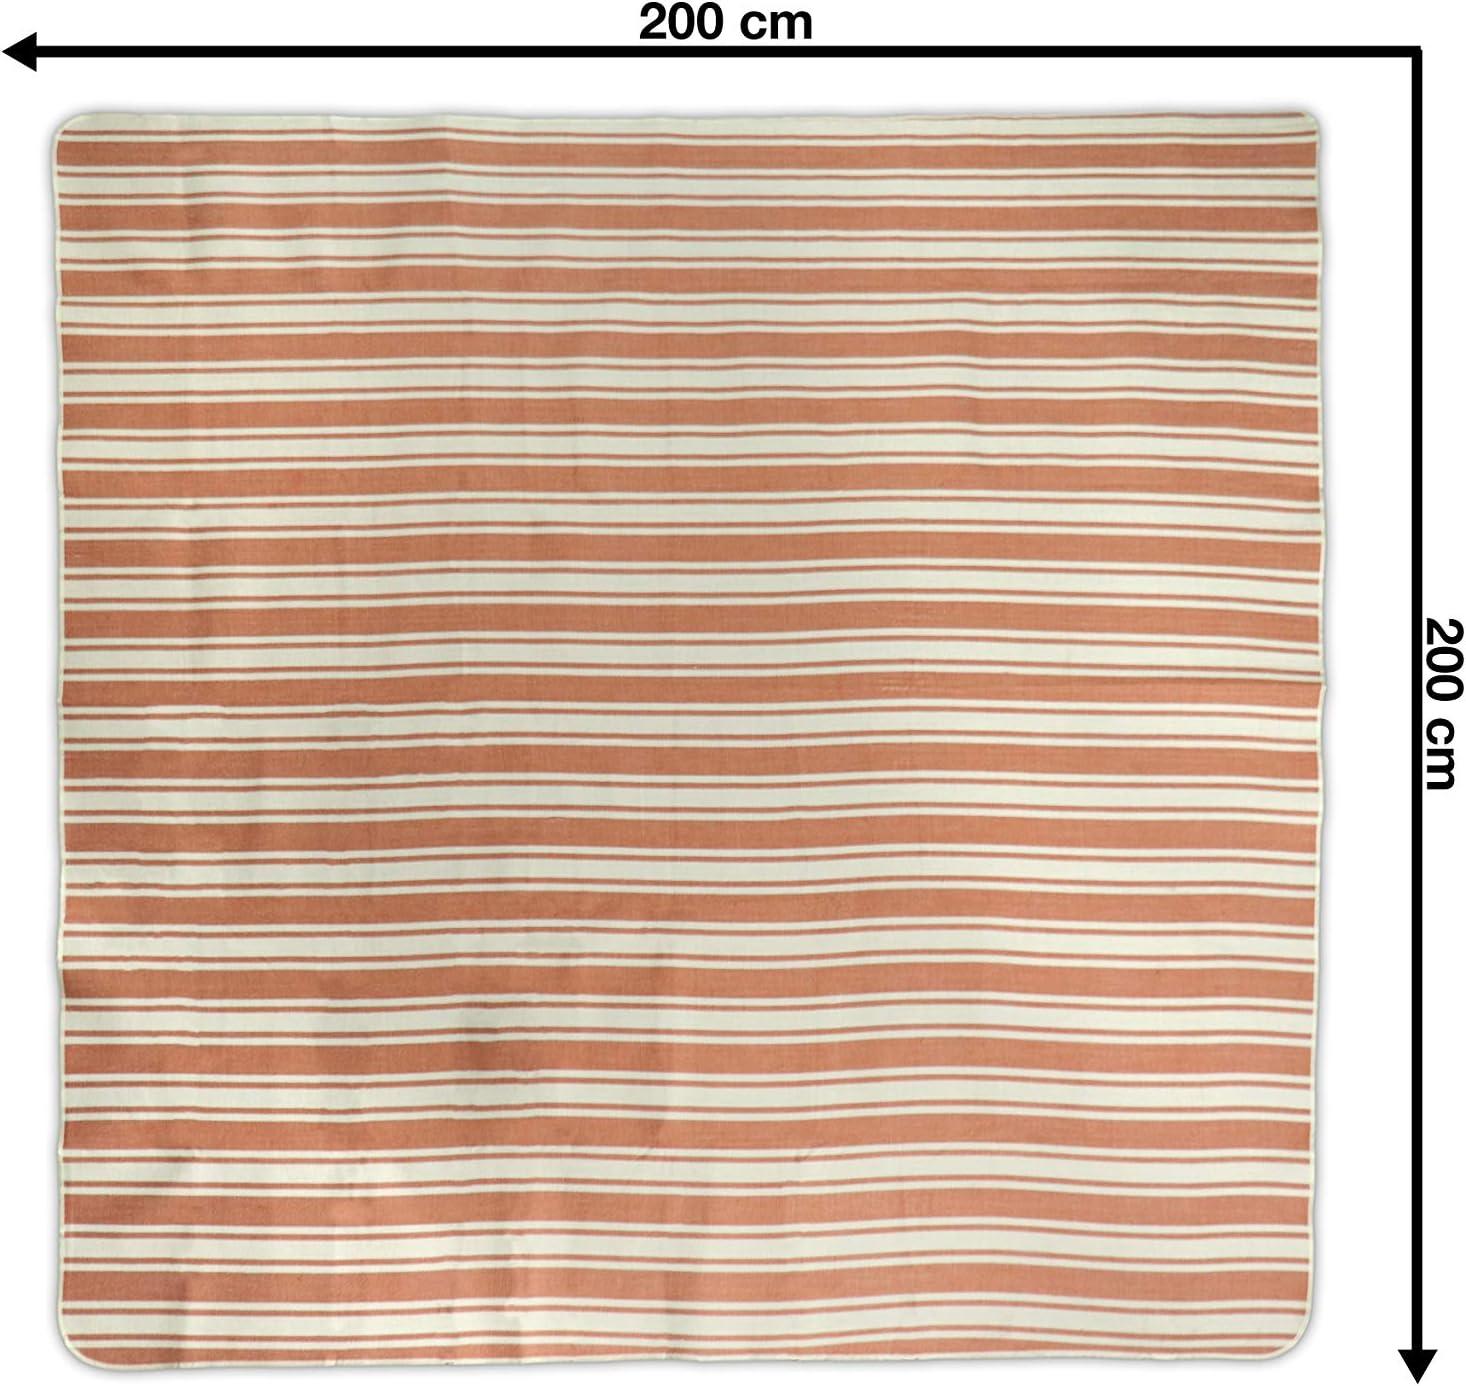 Imperm/éable R/ésistant au sable jilda-tex Couverture de pique-nique XXL Chillout bleu piment 200 x 200 cm